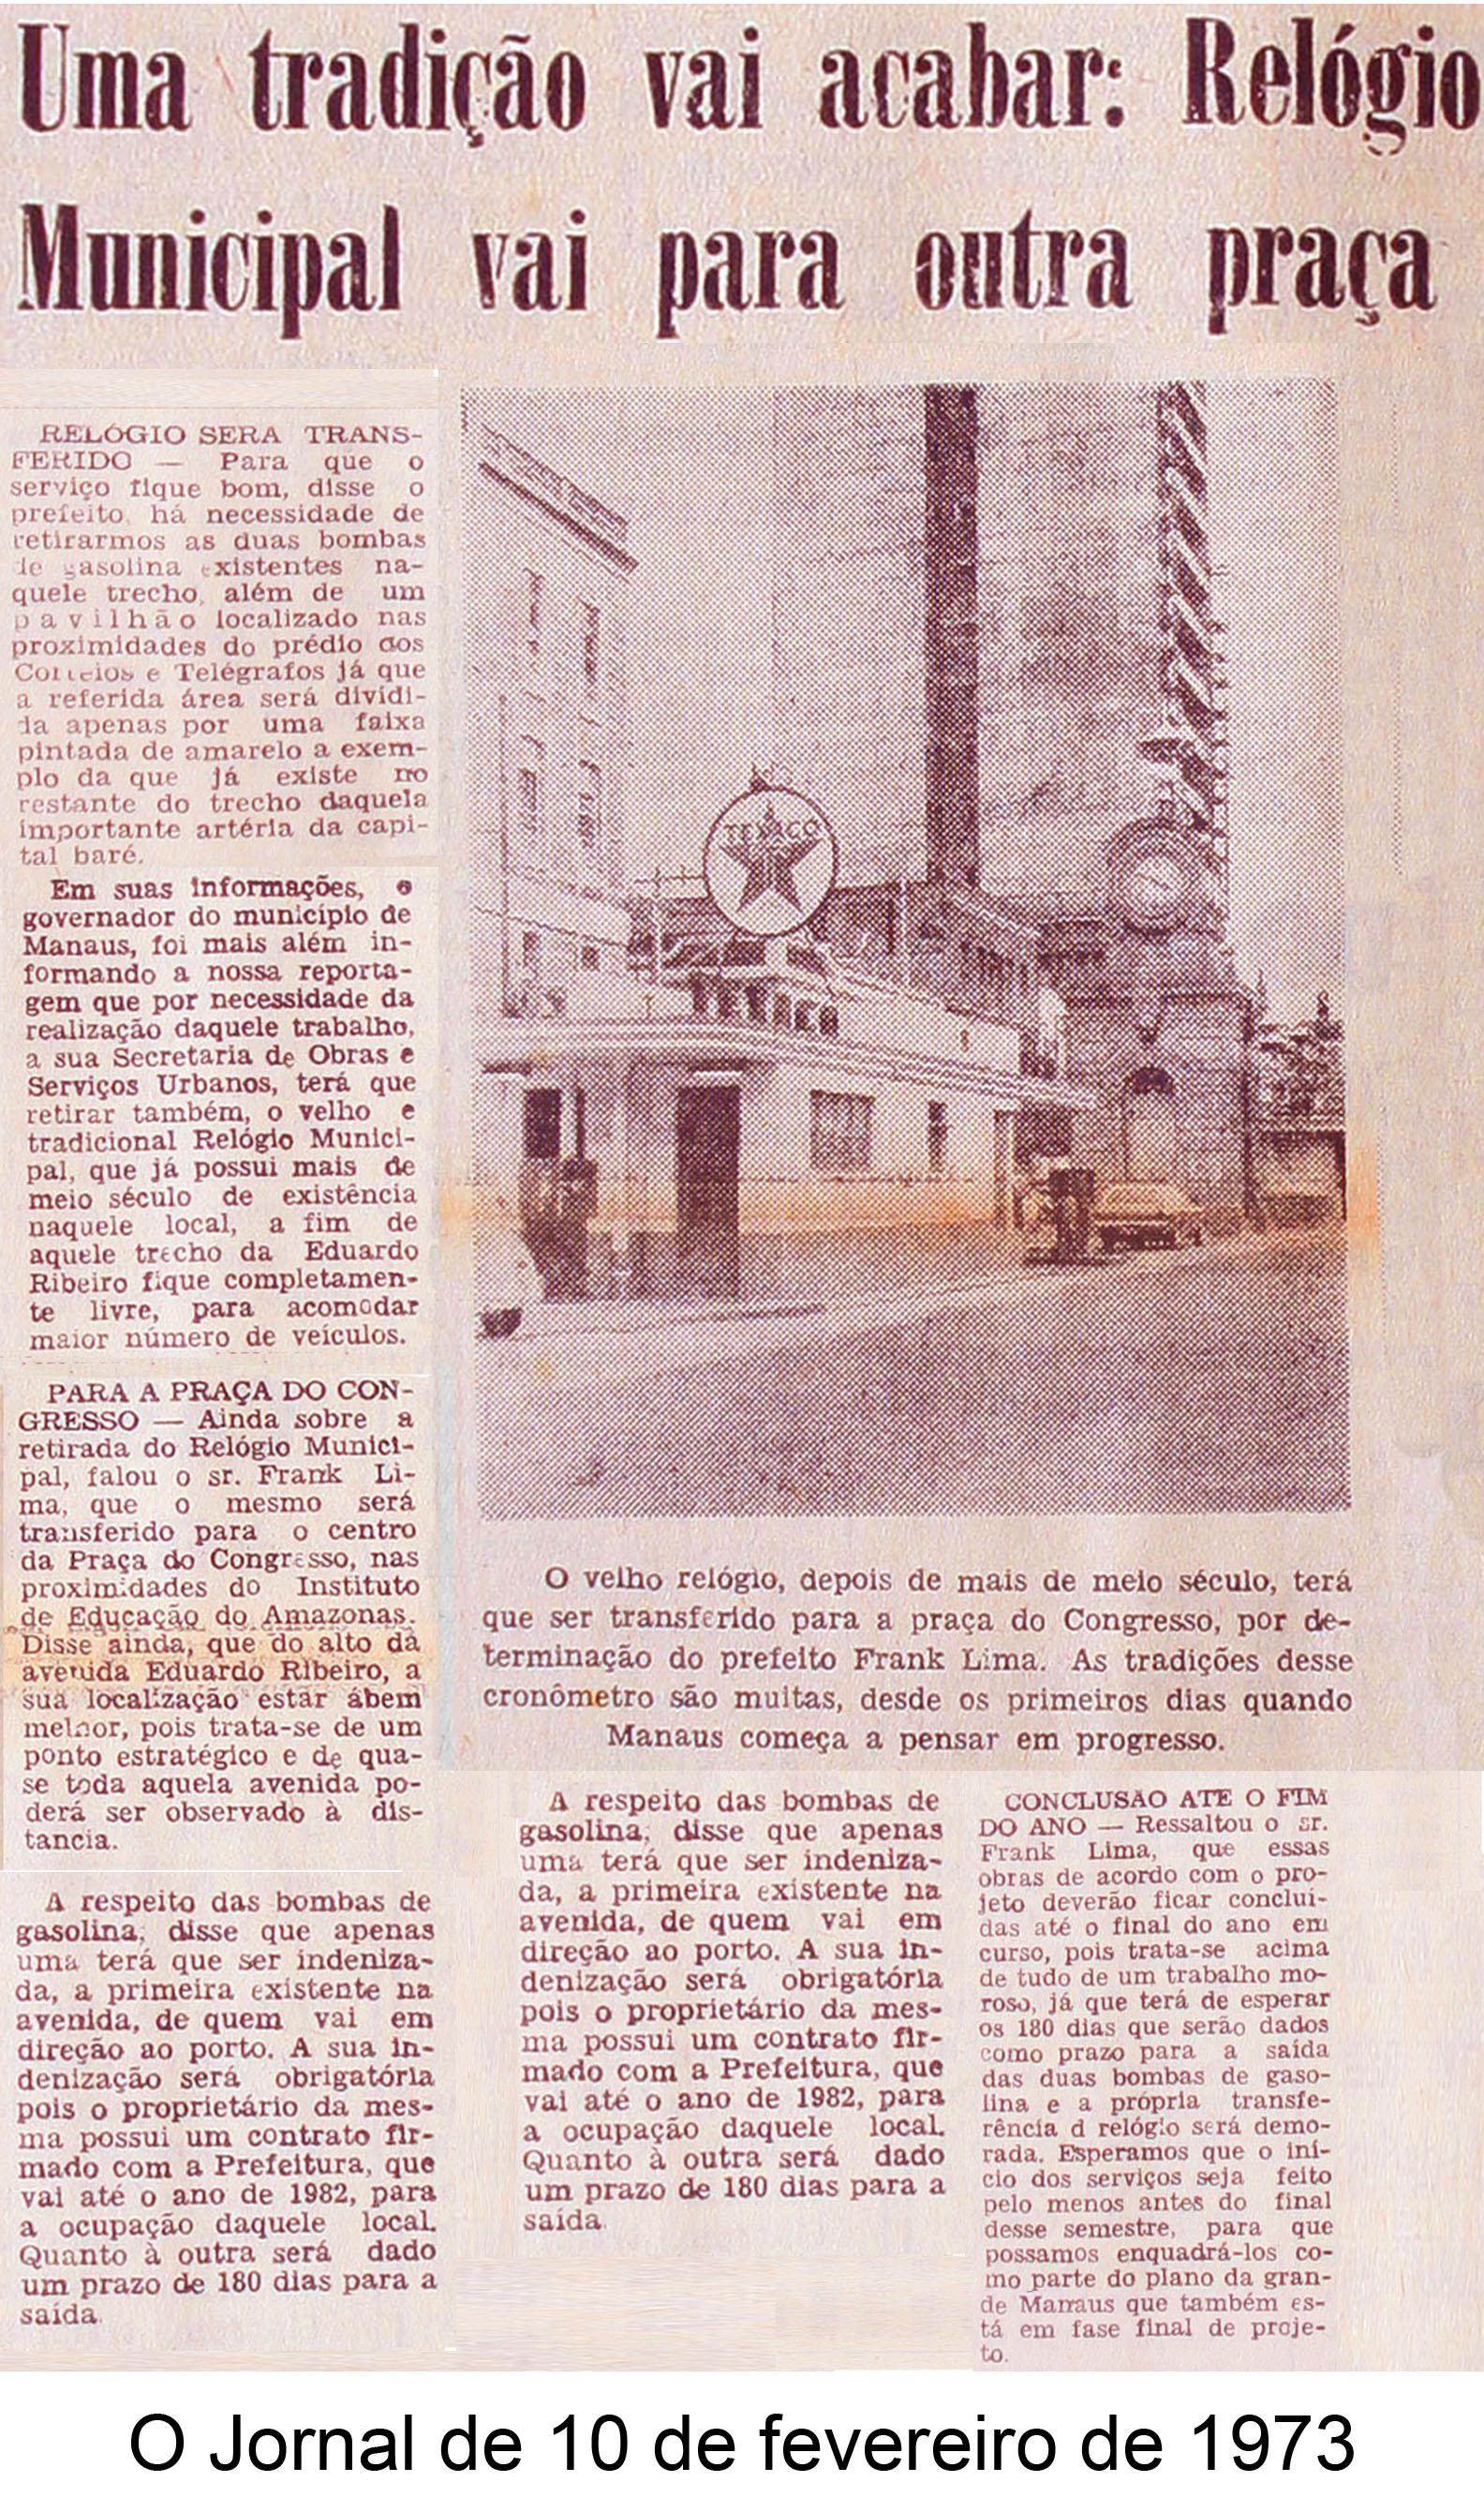 O Jornal de 10 de fevereiro de 1973